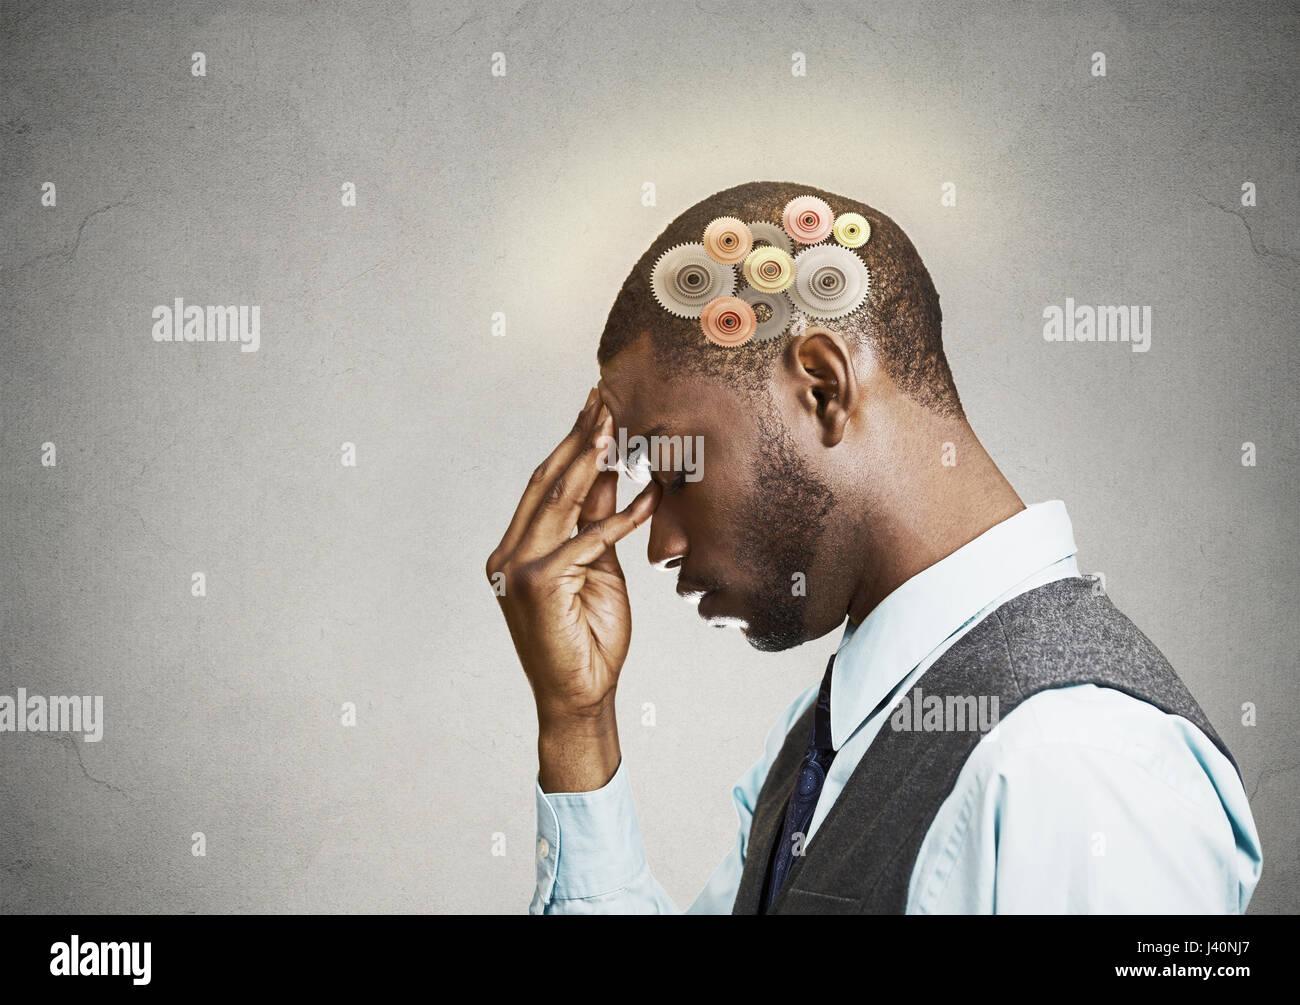 Großansicht Seite Ansicht Profil Kopfschuss nachdenklicher Mann, jungen Kerl denken hart, Schaltwerk, Abbildung Stockbild